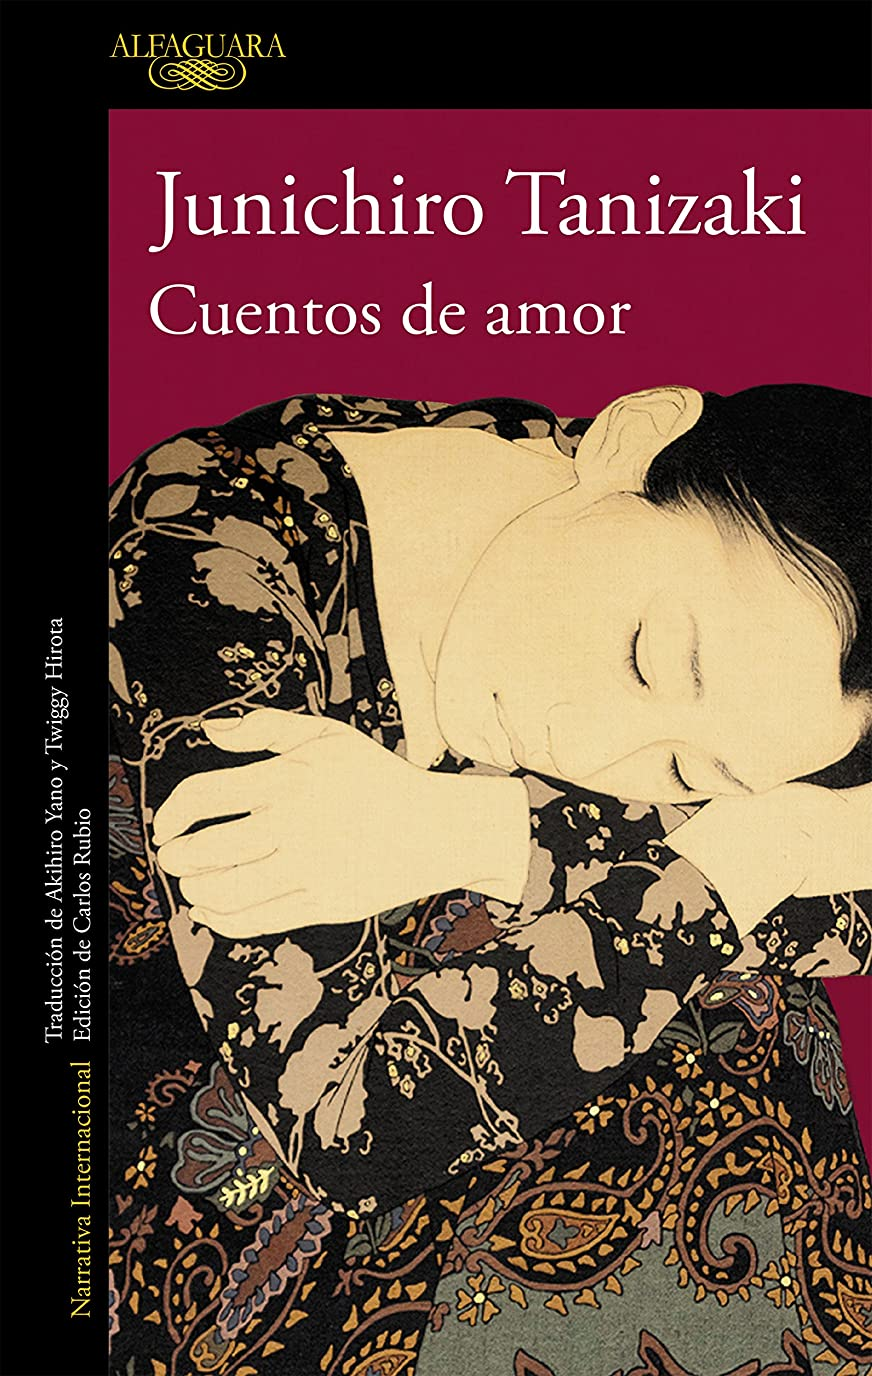 科学者まさにやろうCuentos de amor (Spanish Edition)